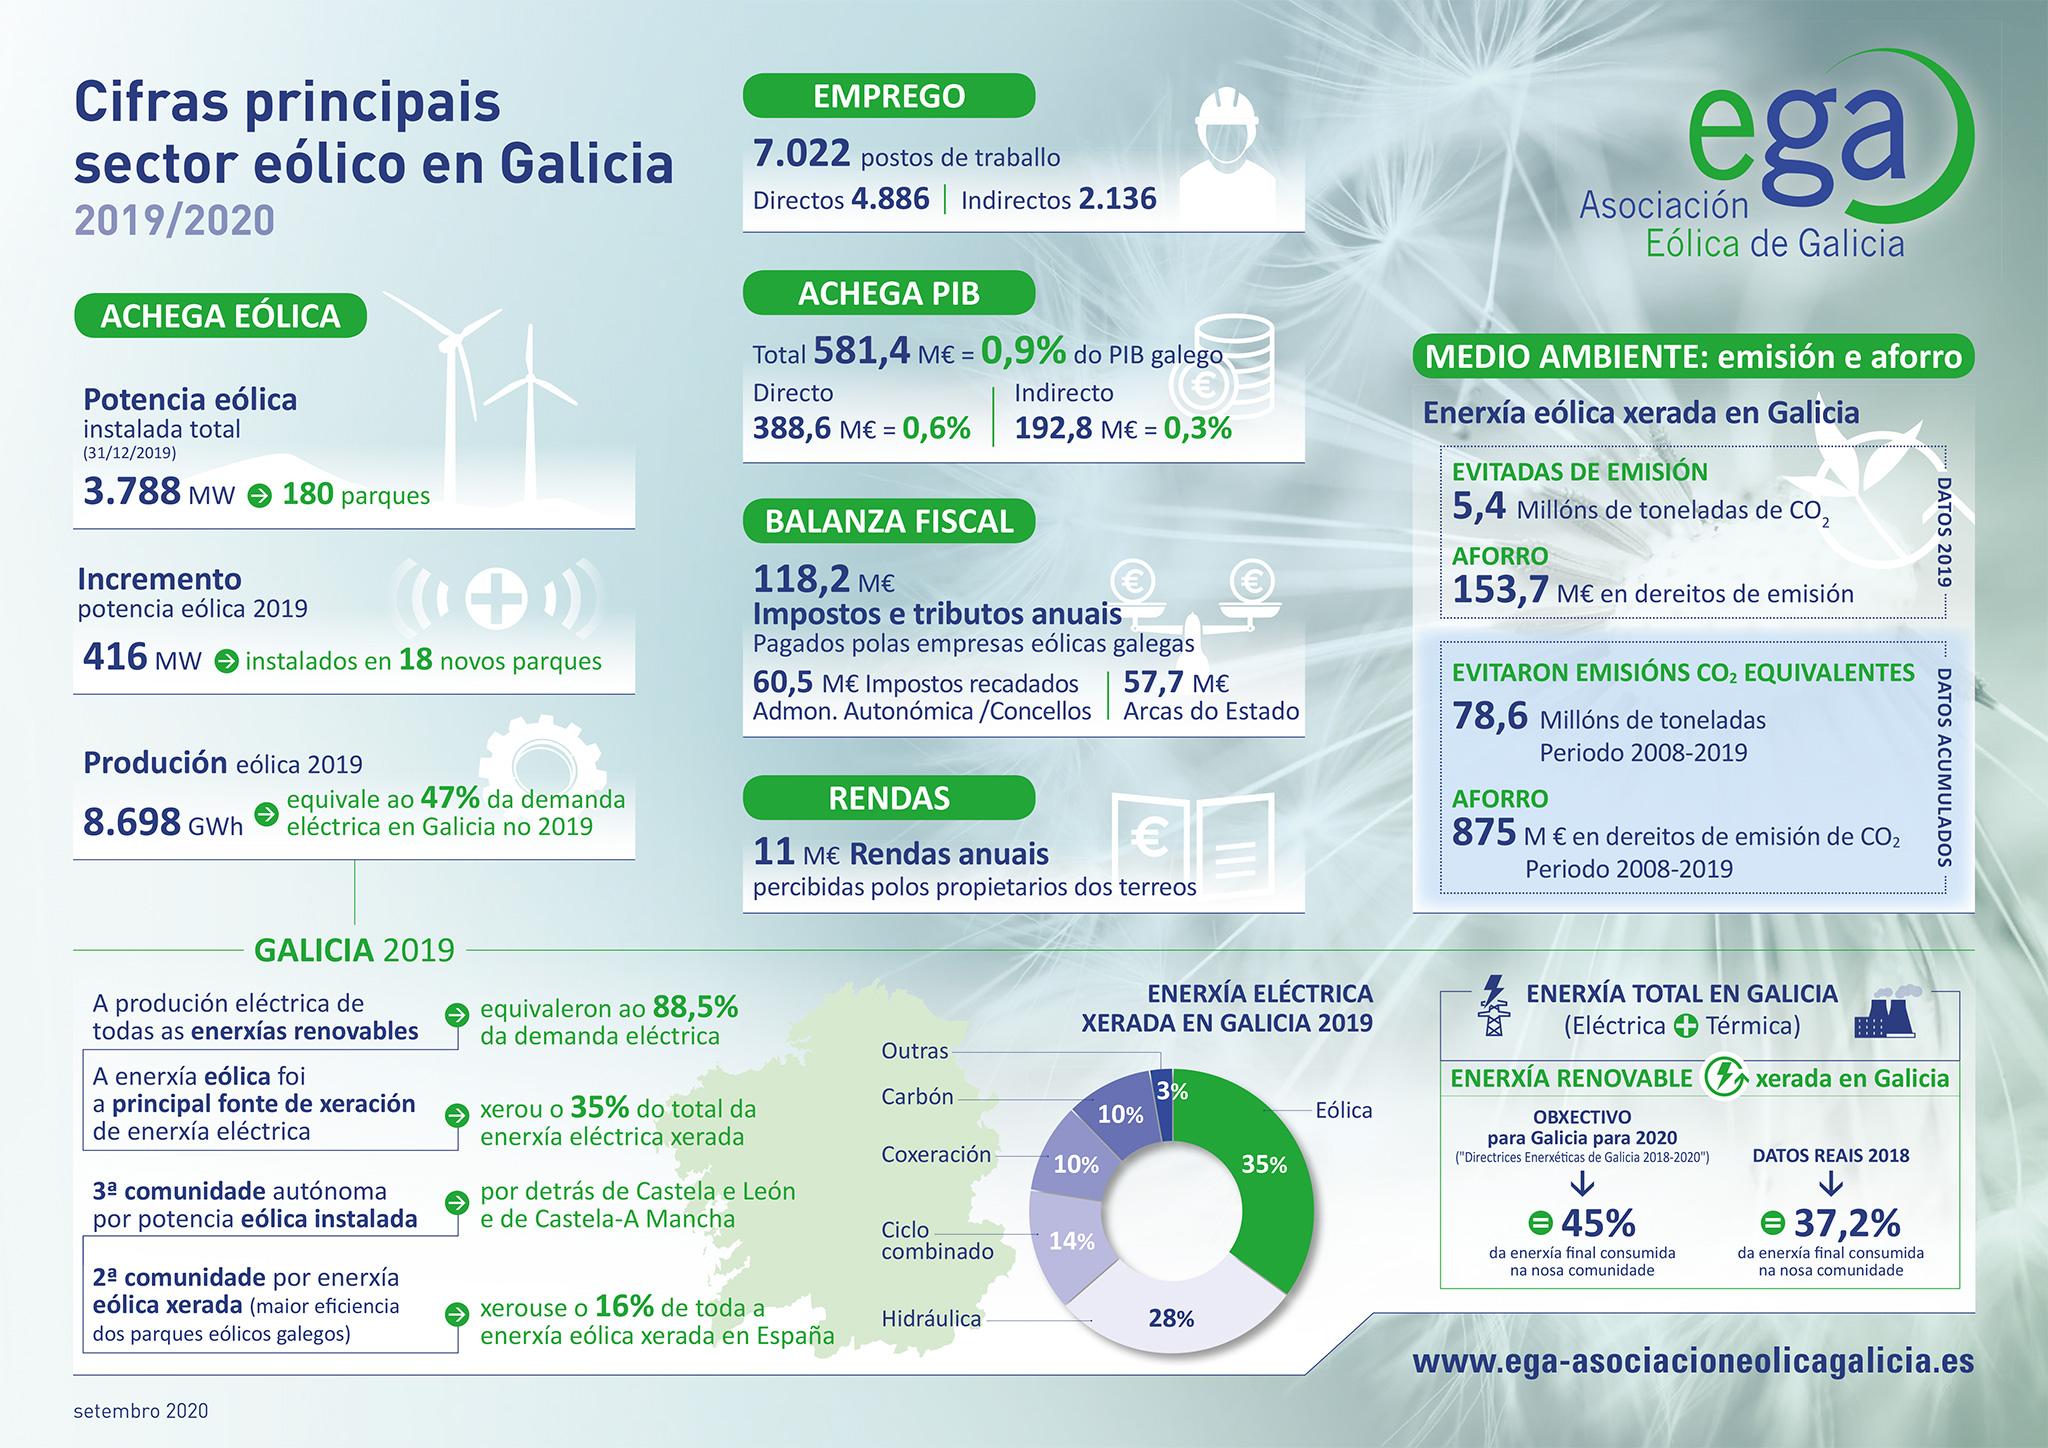 Infografía del sector eólico en Galicia